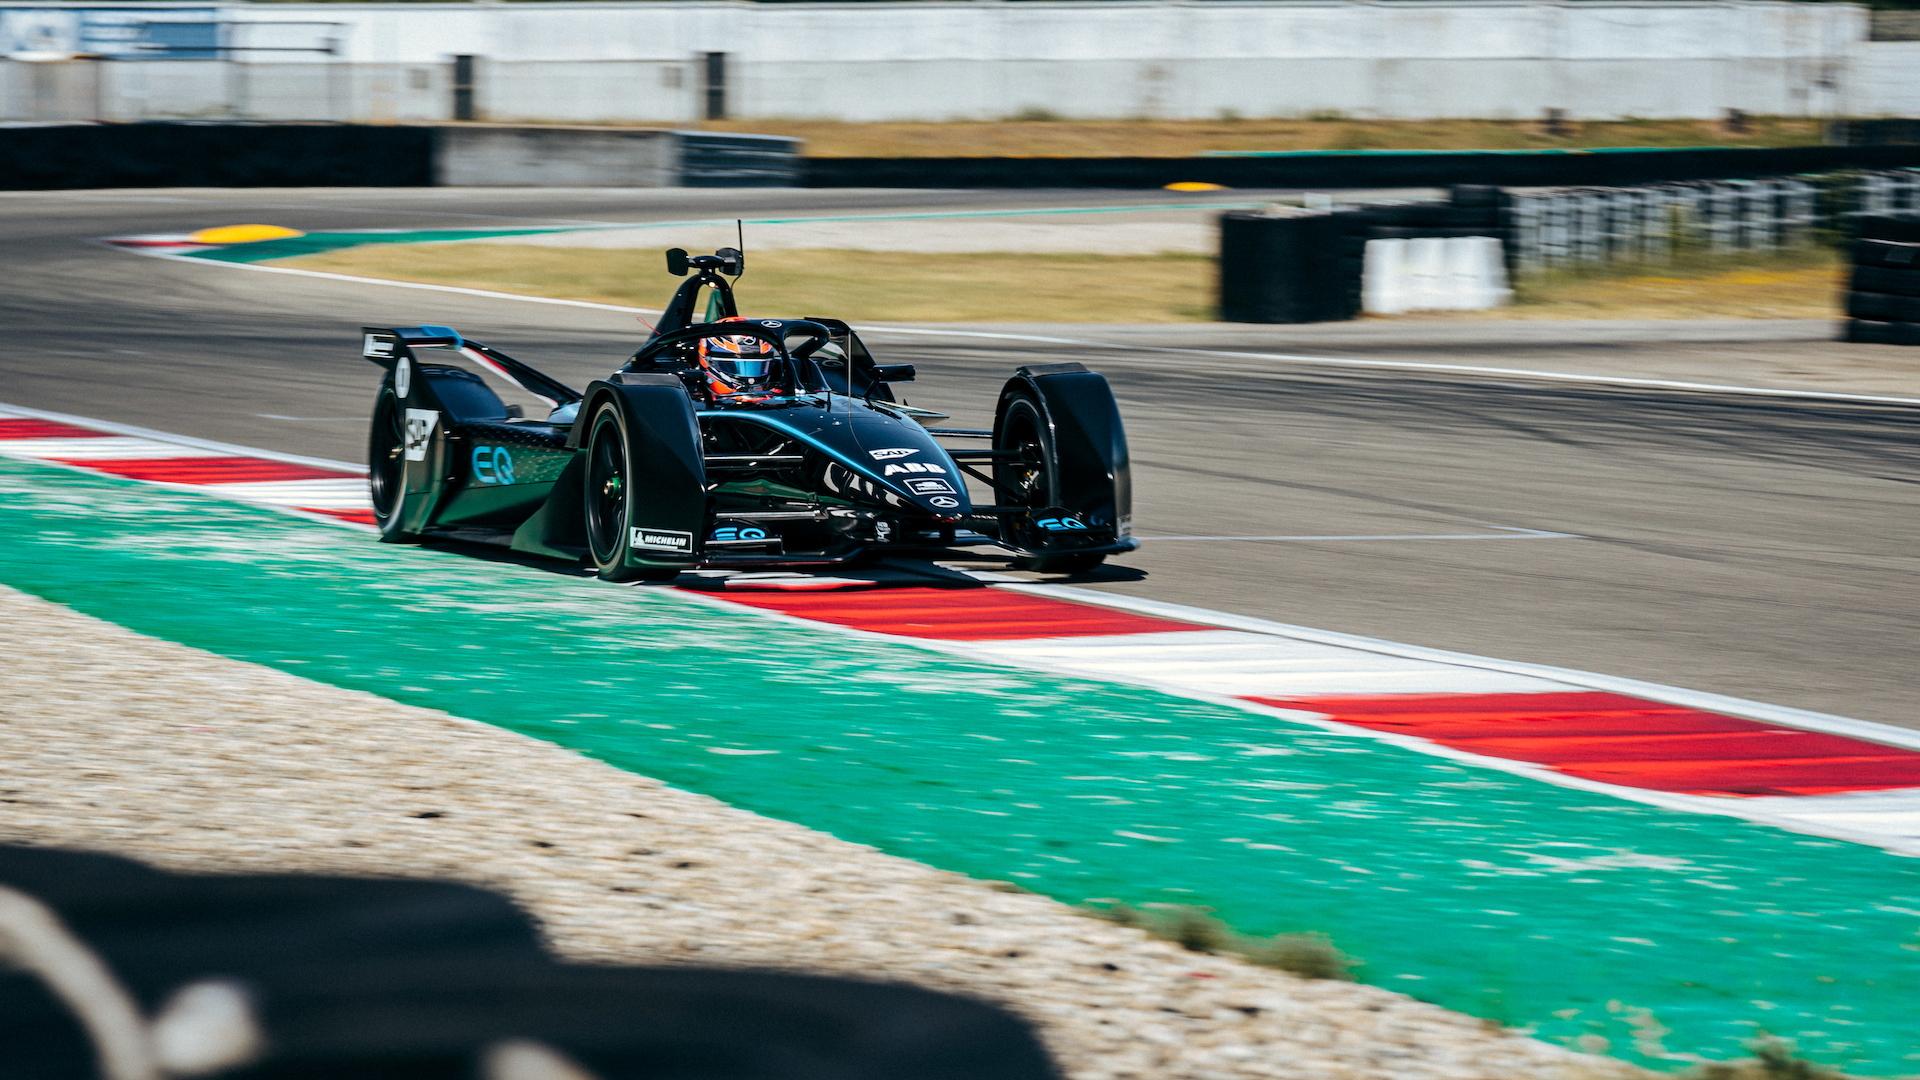 Mercedes-Benz EQ Silver Arrow 01 Formula E race car, 2019